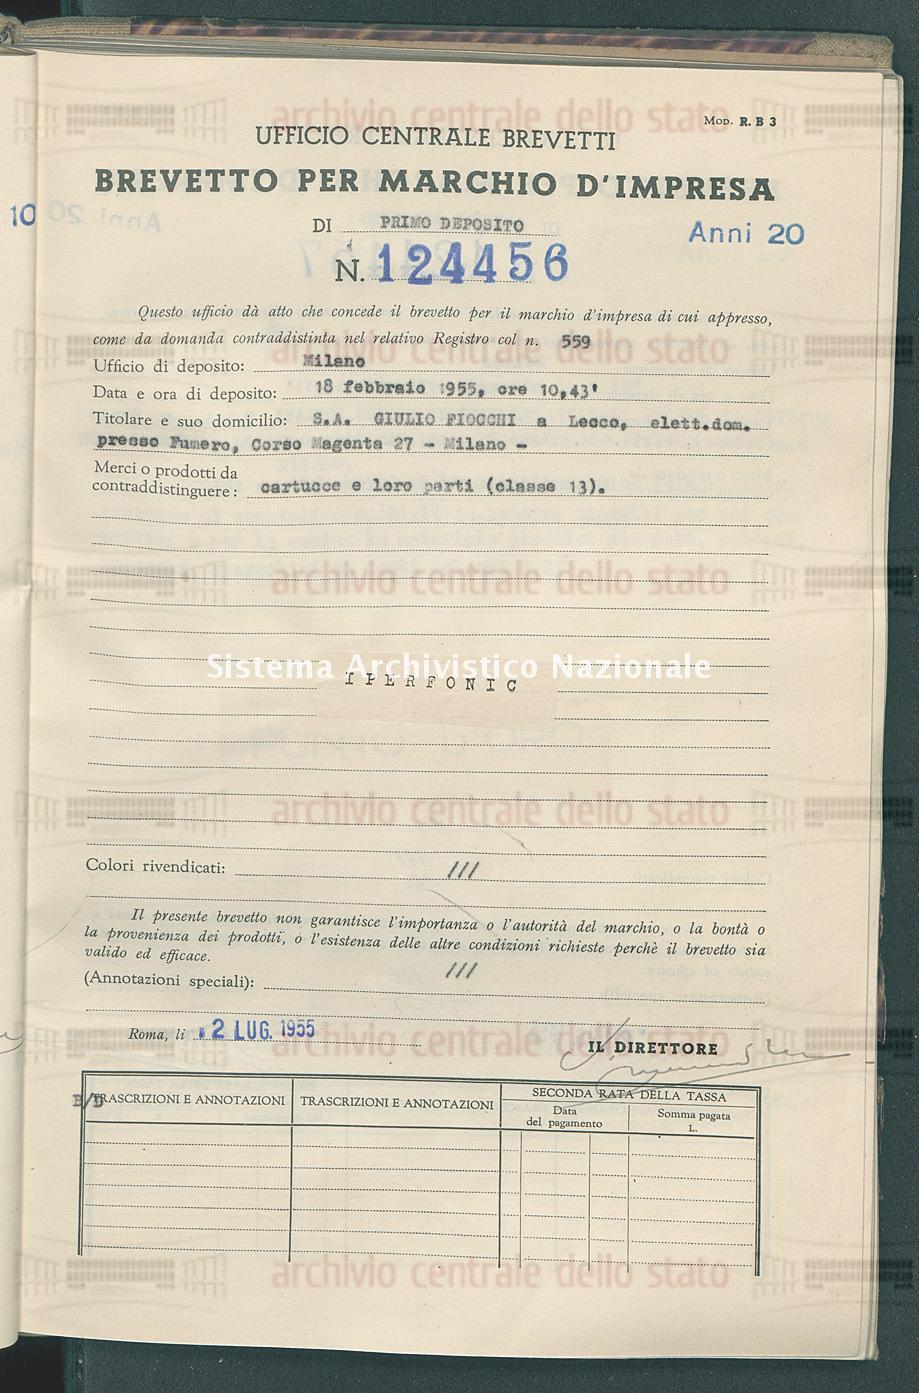 Cartucce e loro parti S.A. Giulio Fiocchi (02/07/1955)